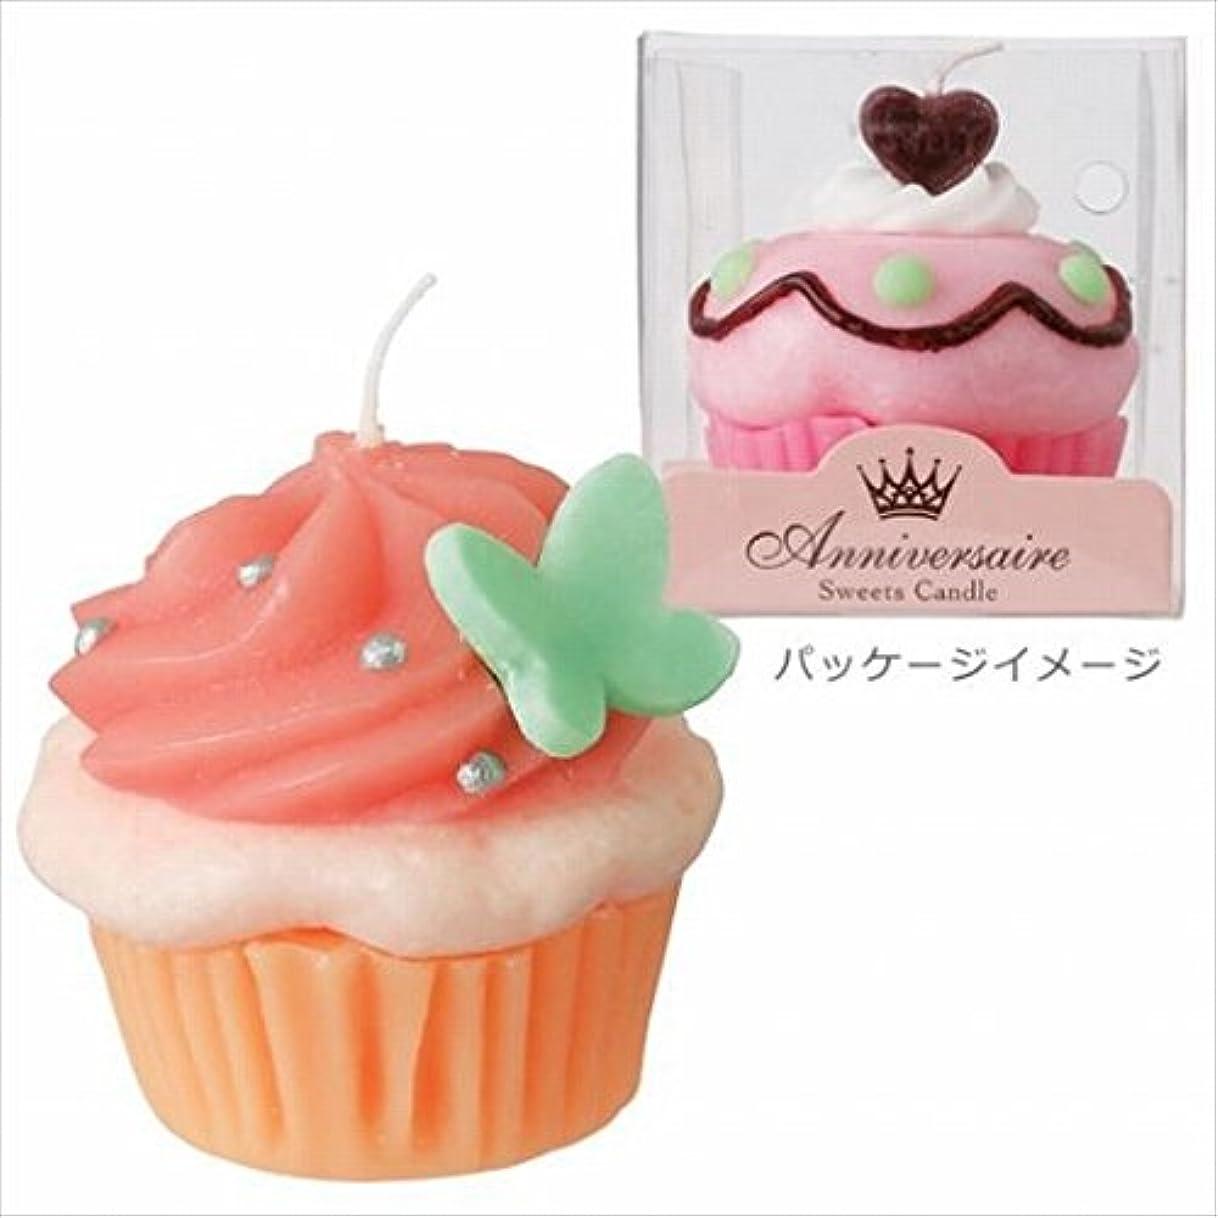 静かな傾斜協力するカメヤマキャンドル( kameyama candle ) カップケーキキャンドル 「 ホイップベリー 」